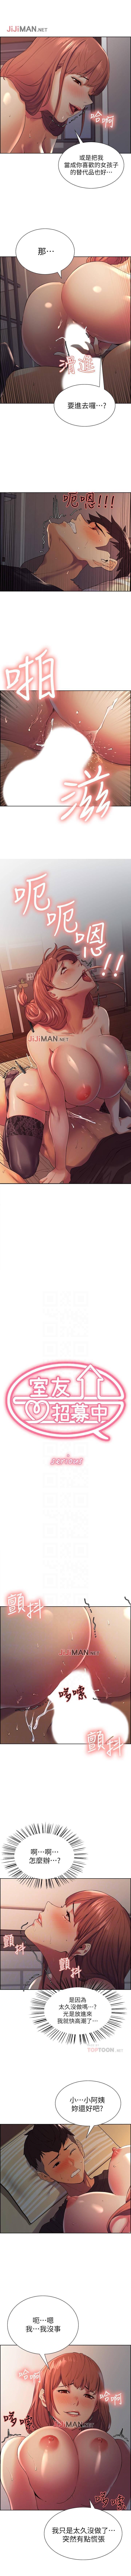 【周二连载】室友招募中(作者:Serious) 第1~13话 73